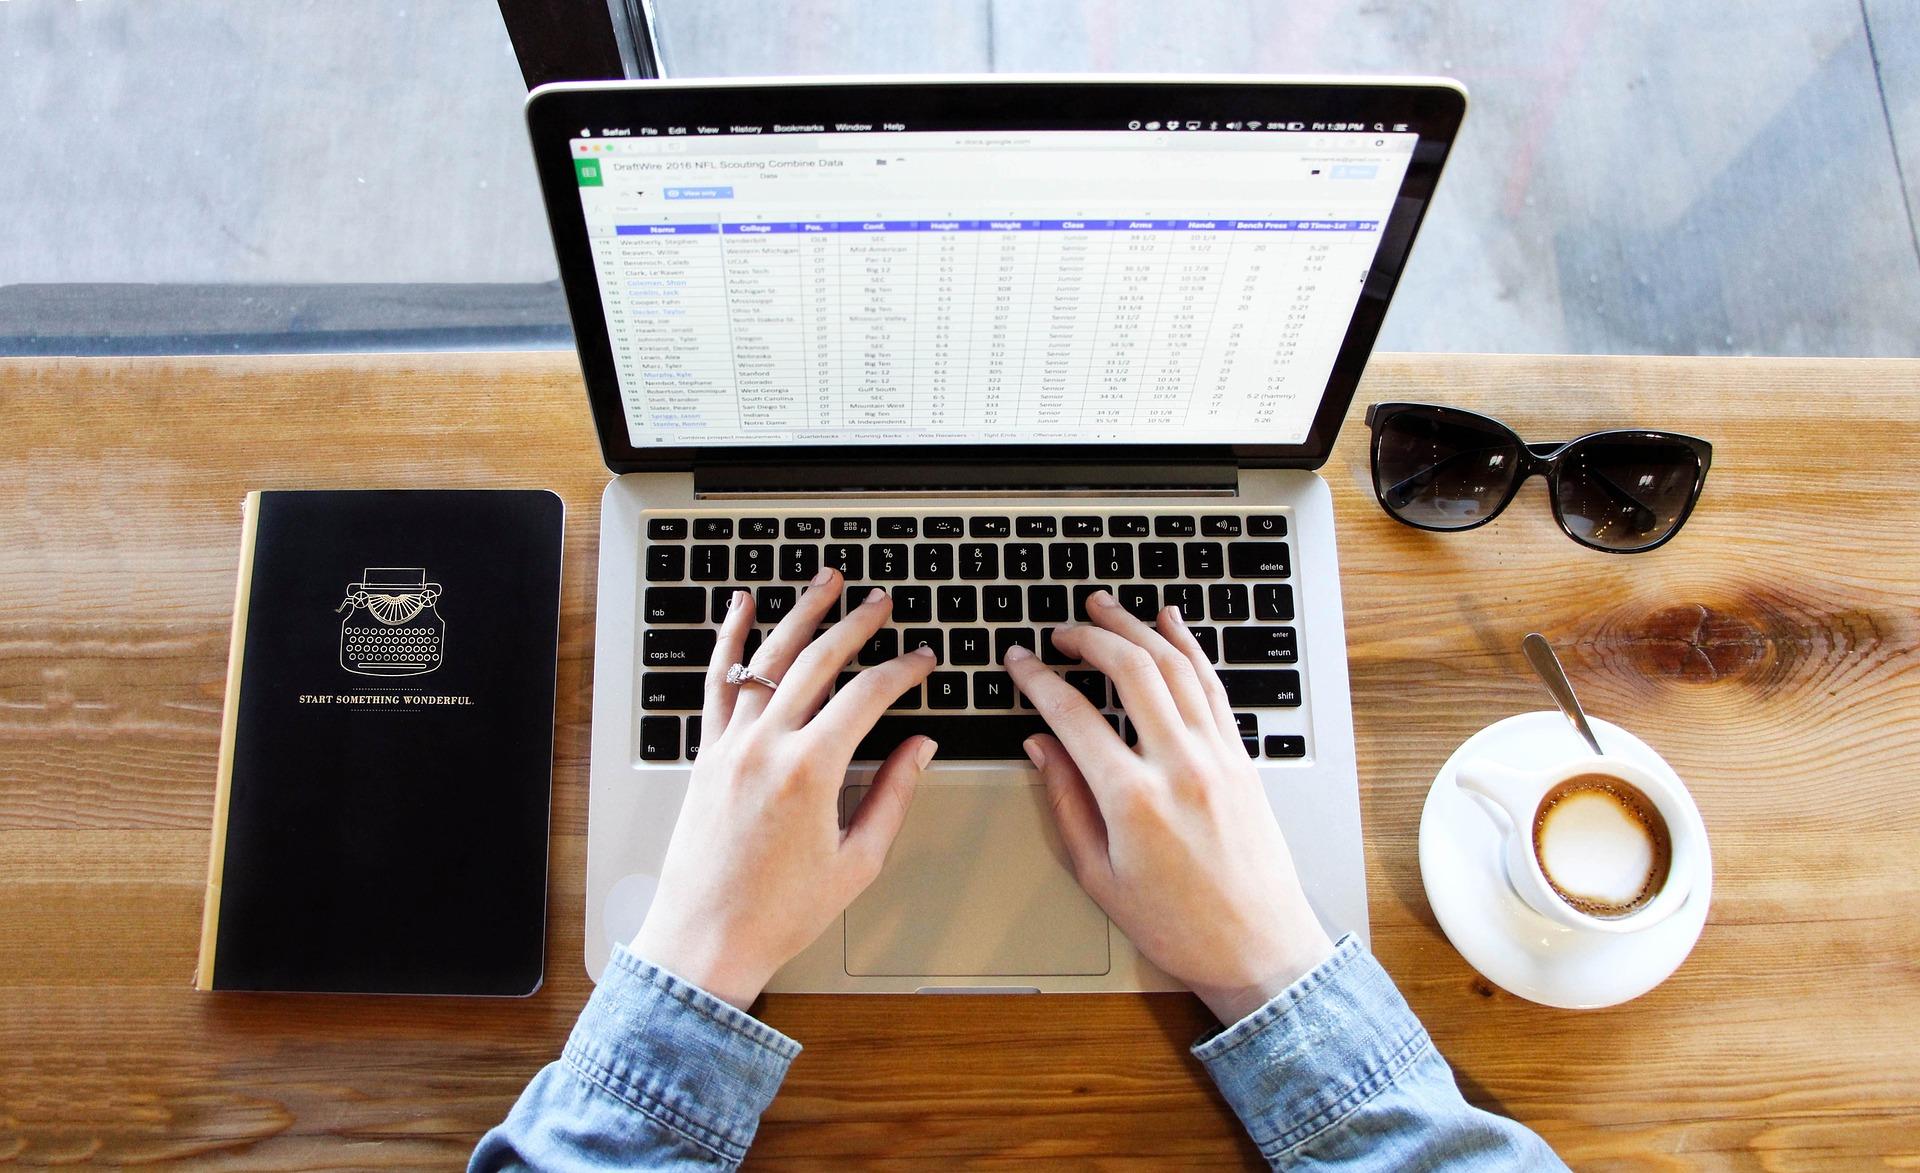 Sedam razloga da ne koristite Excel